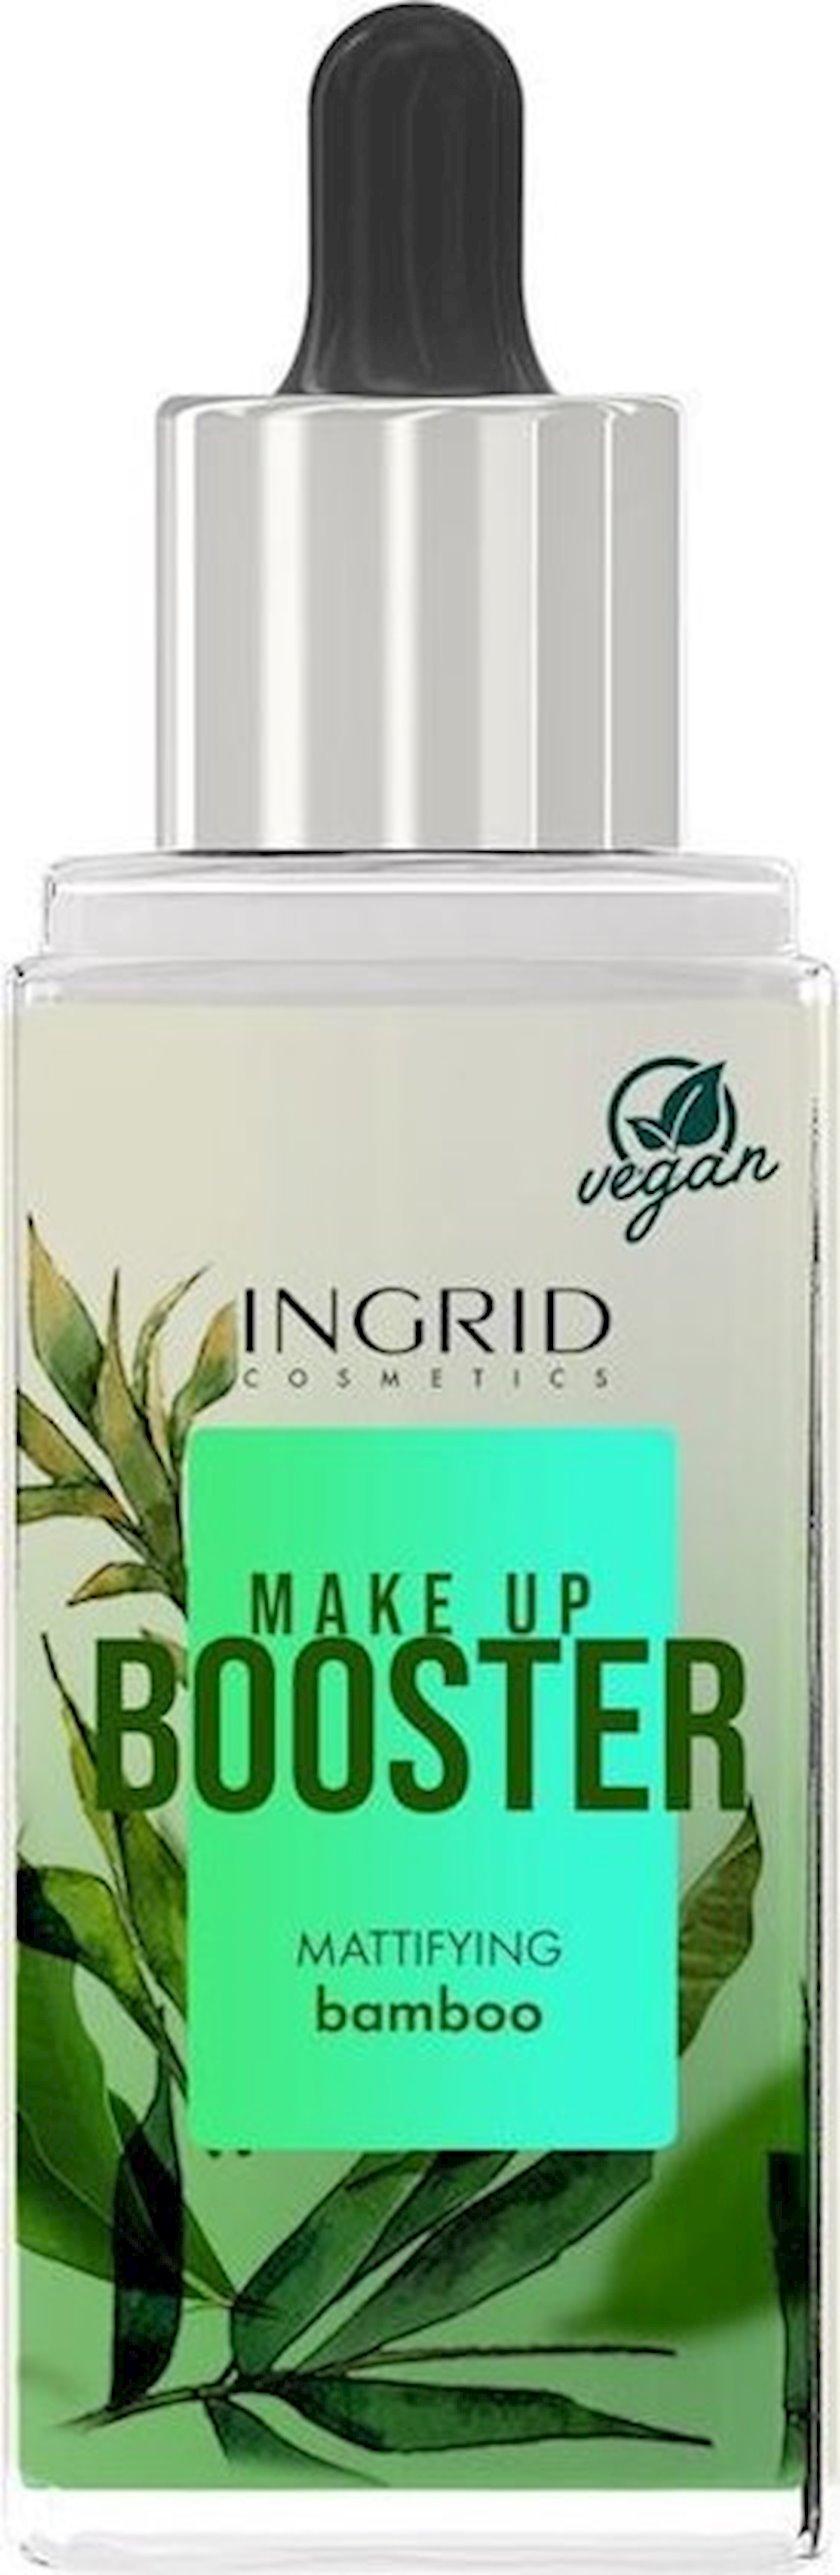 Fluid Ingrid Cosmetics Vegan Mattifying Make Up Booster Bambuk 30 ml